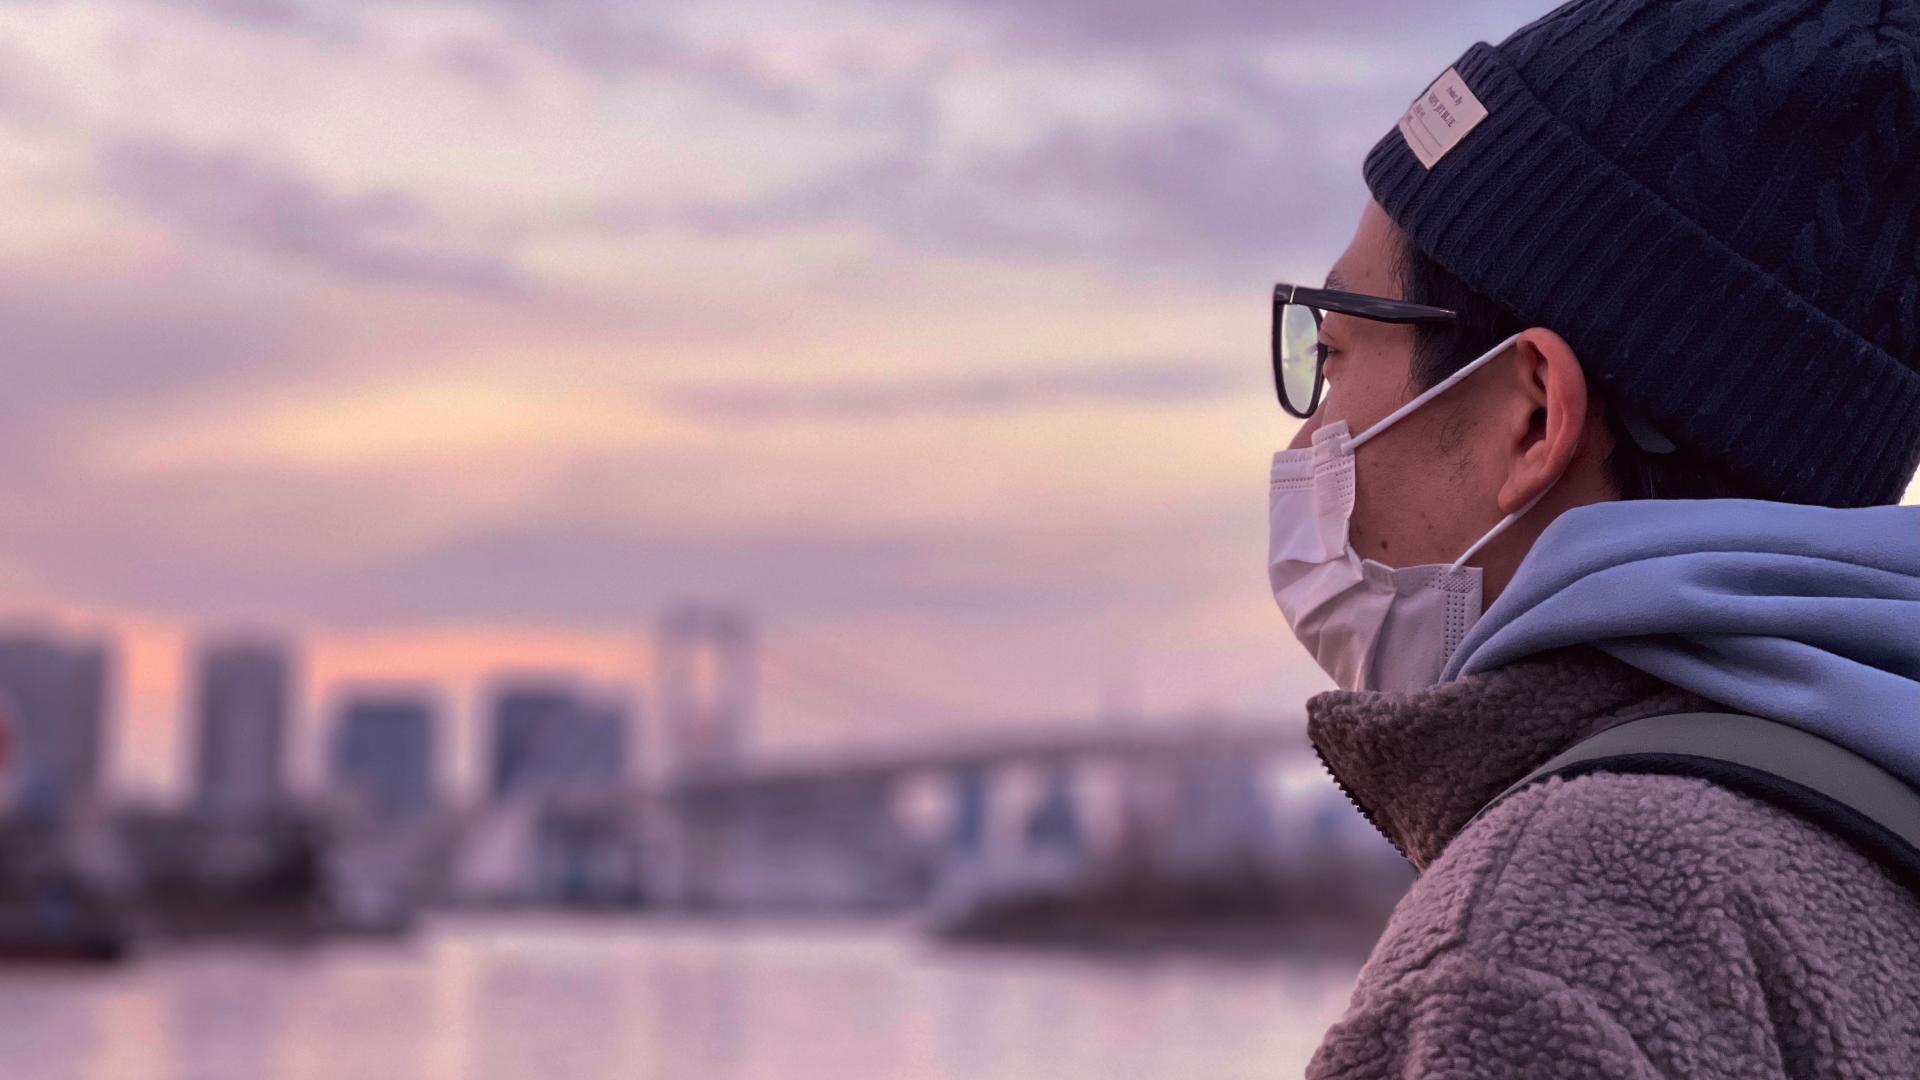 【メンズ】絶対にやってはいけないダサい冬のファッション12選!!